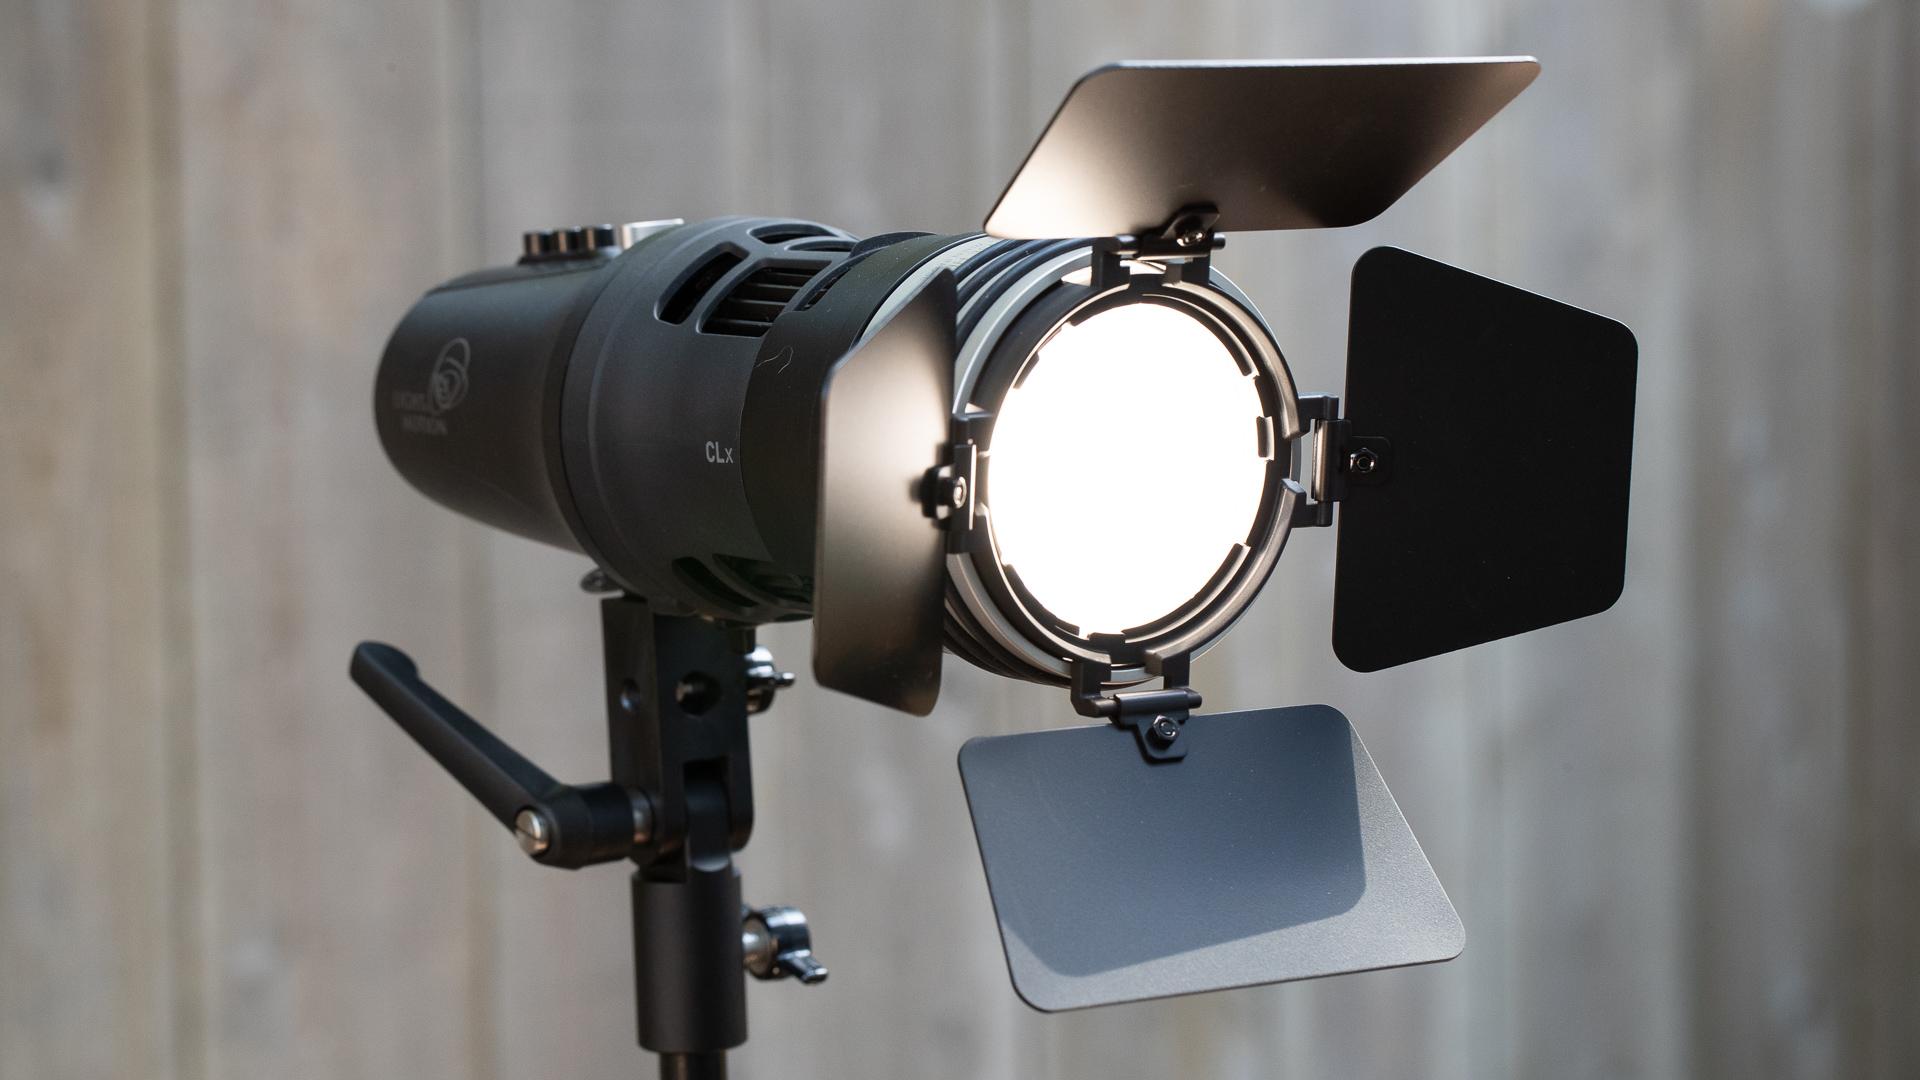 Reseña de la luz CLx10 de Light & Motion: un accesorio de alto rendimiento alimentado por una batería interna